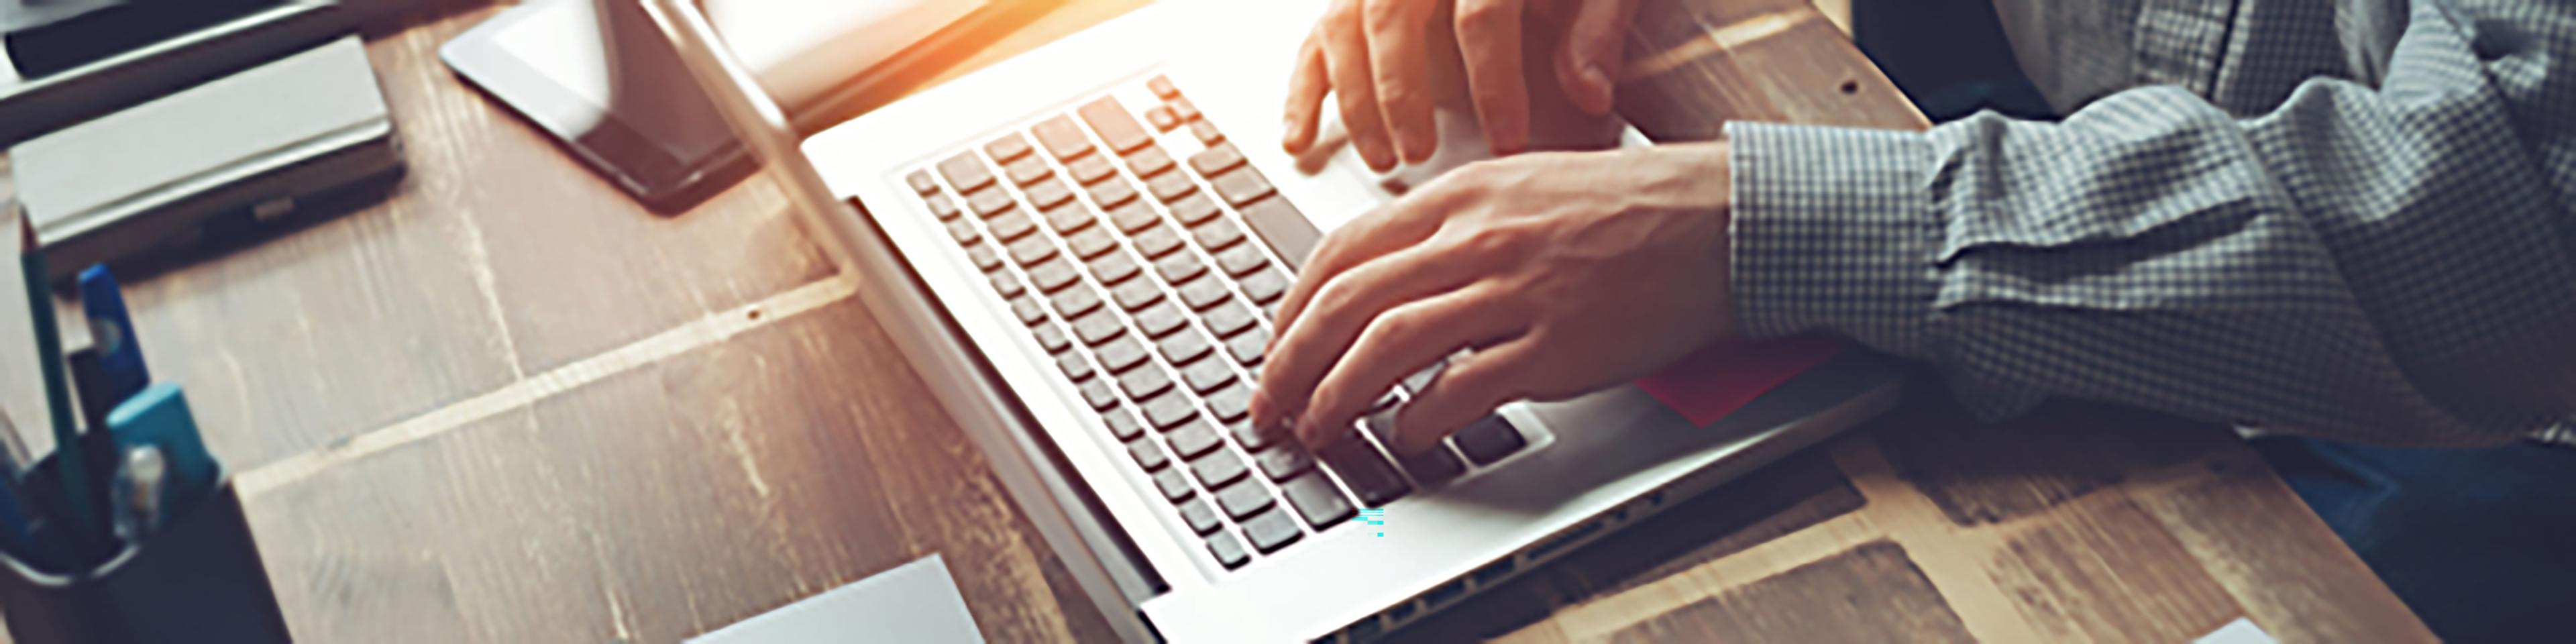 Dagelijks 30 minuten minder mailen – 3 tips voor de advocaat